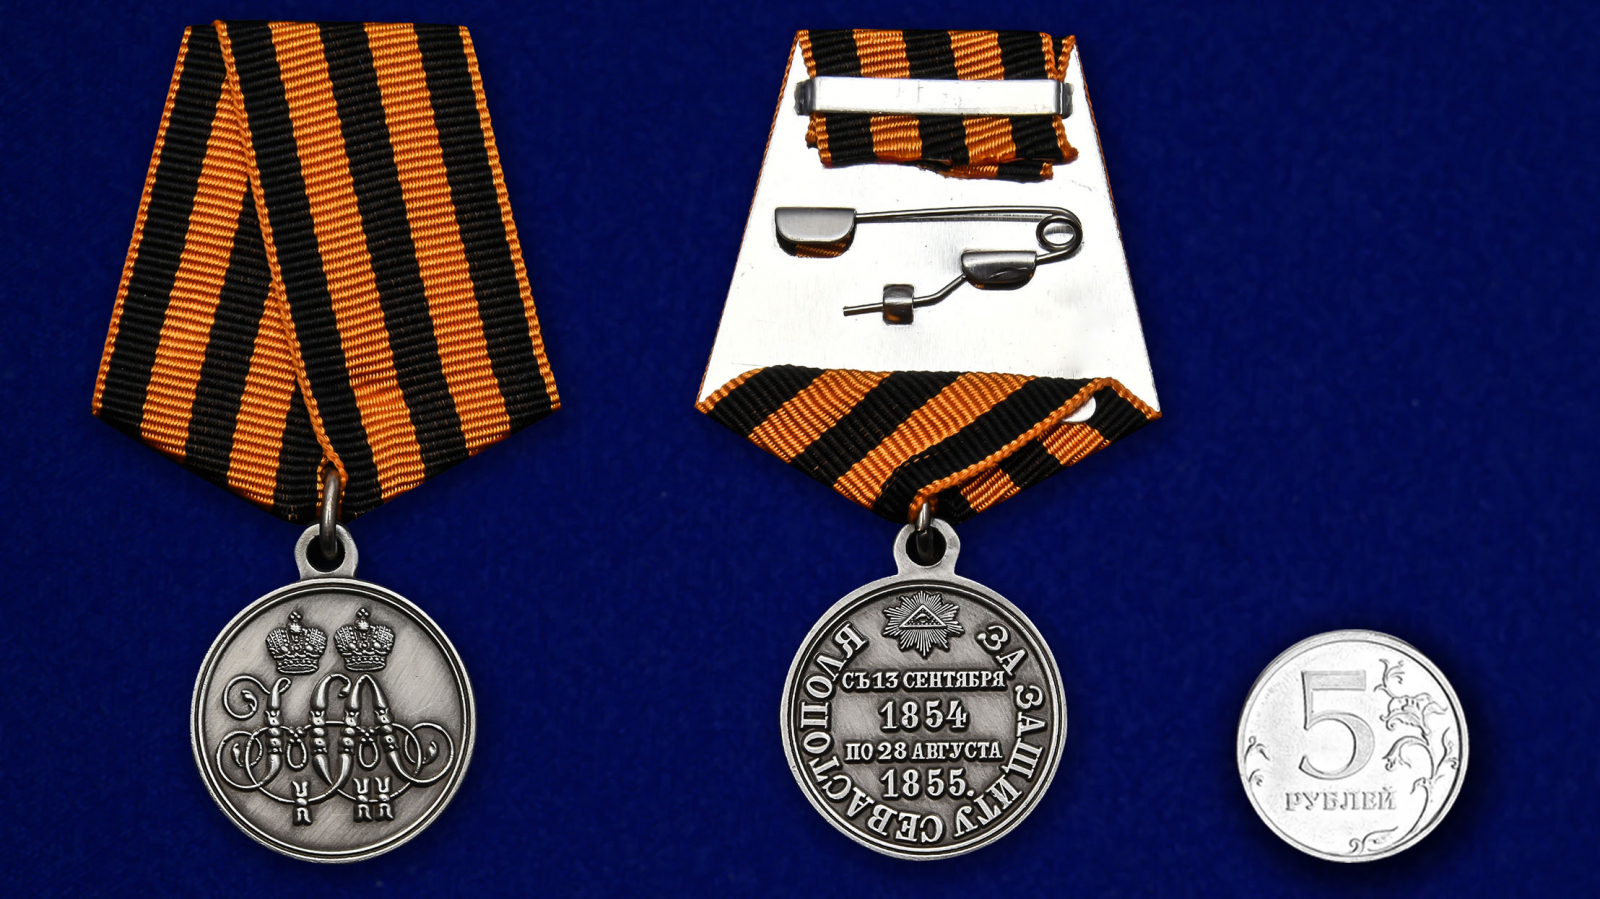 Памятная медаль За защиту Севастополя 1854-1855 гг - сравнительный вид